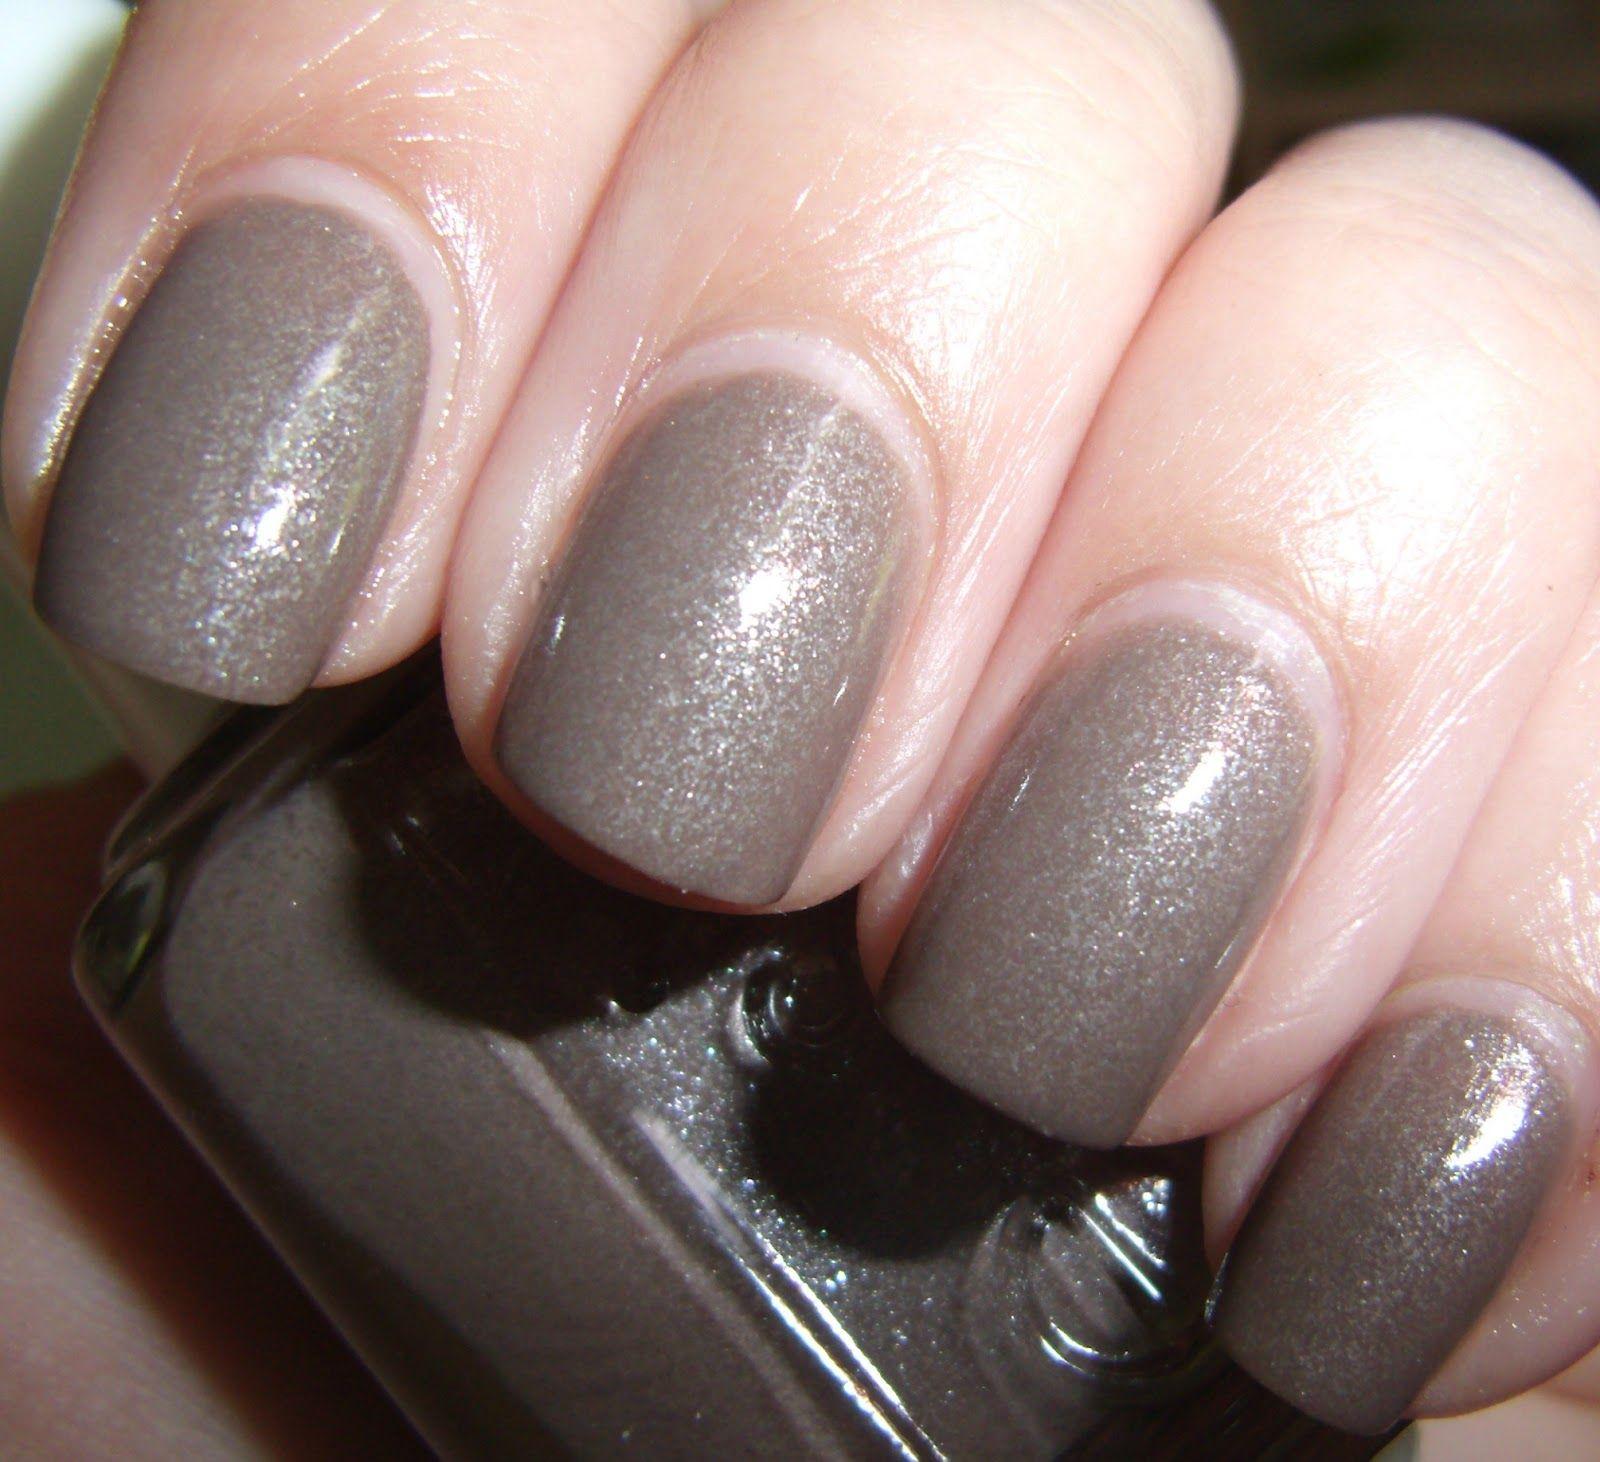 zoya olivera   Nail polish, Nail polish collection, Nails